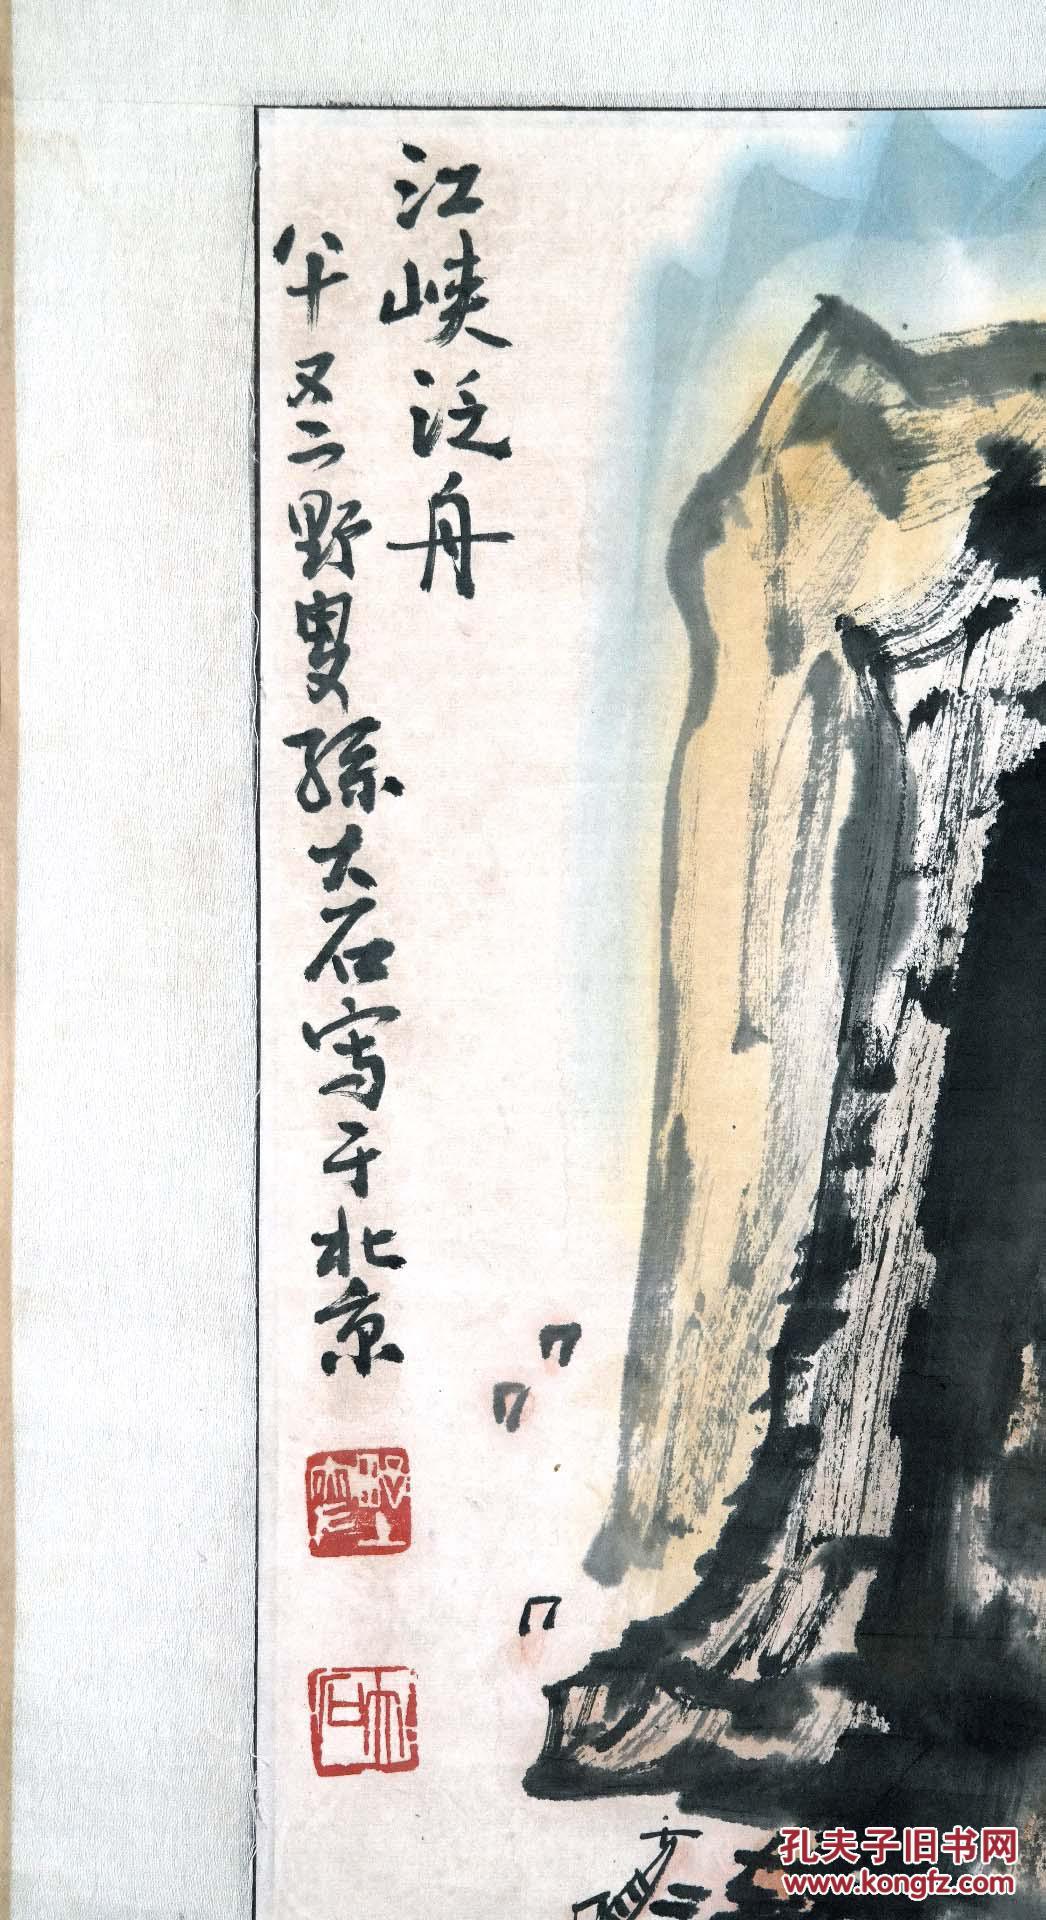 【图】中国美术家协会理事◆孙大石《山水画》原裱旧图片